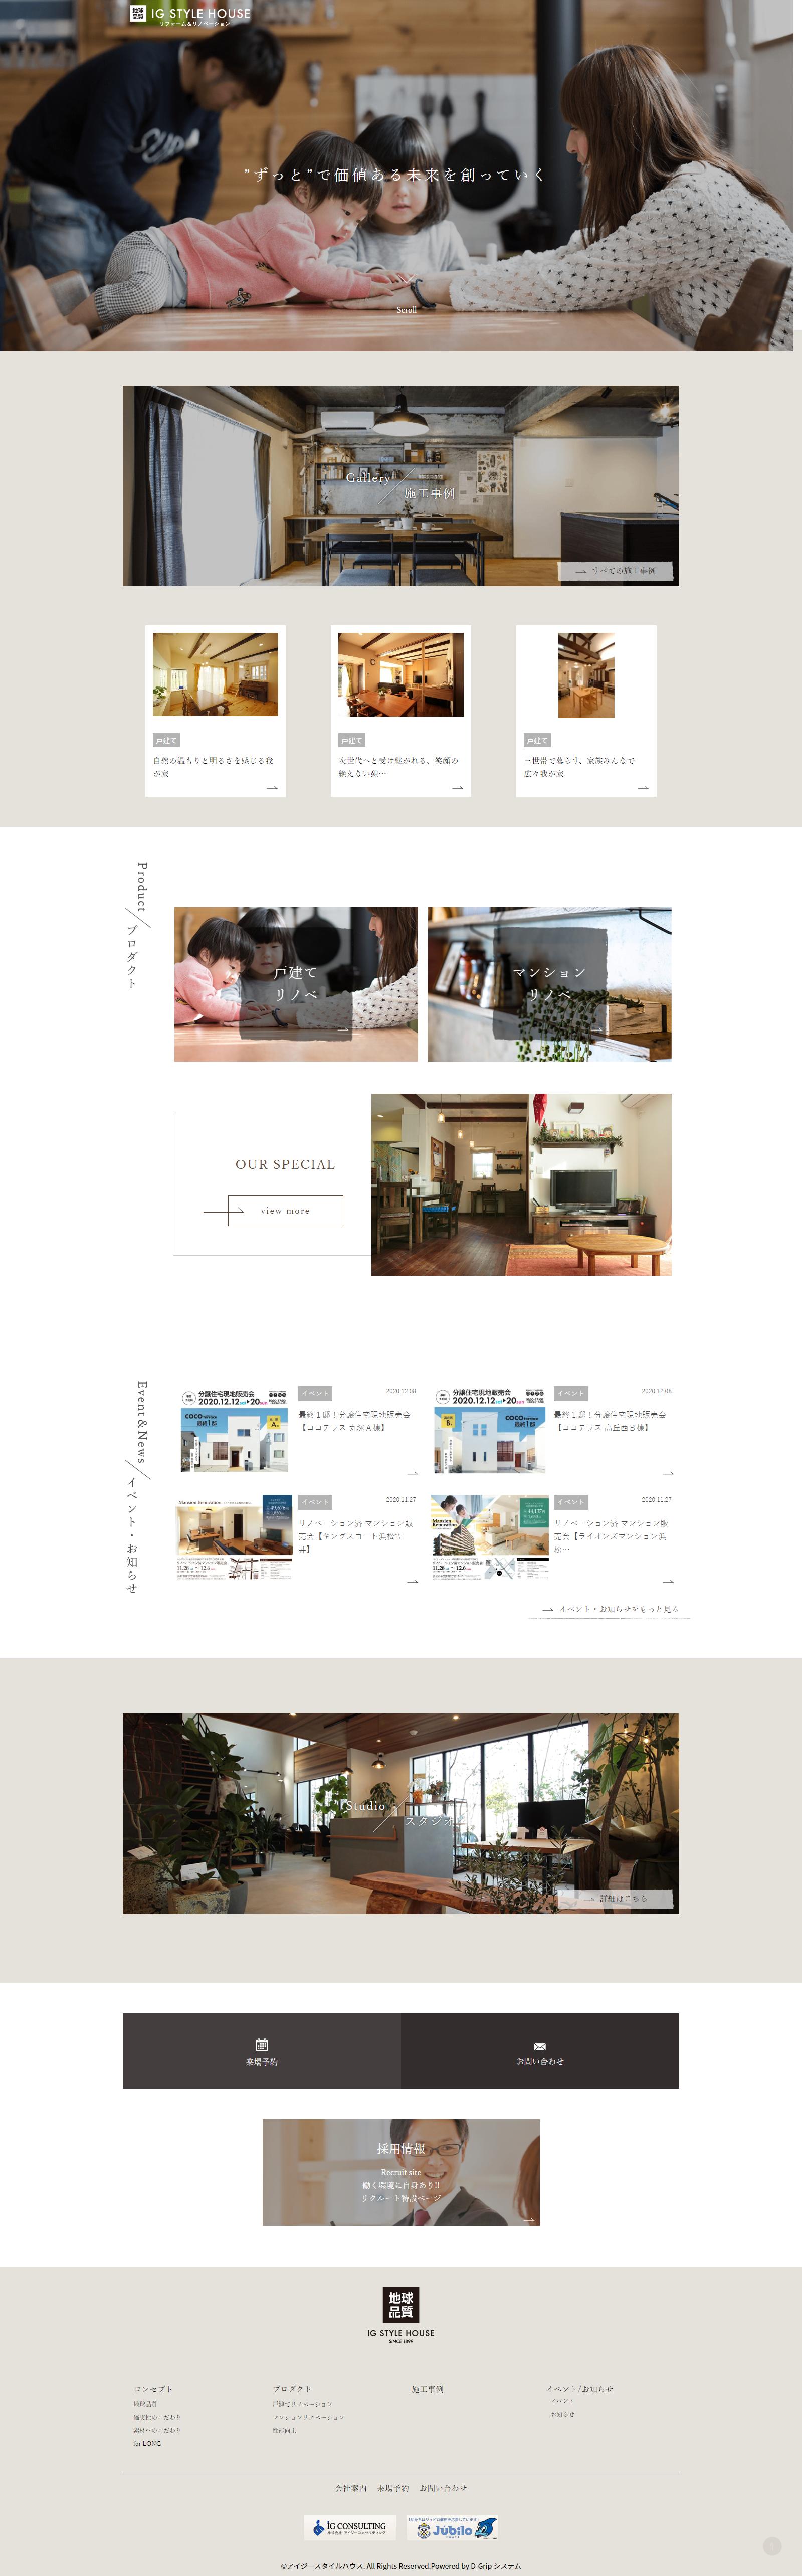 株式会社 アイジーコンサルティング様(リフォーム サイト)